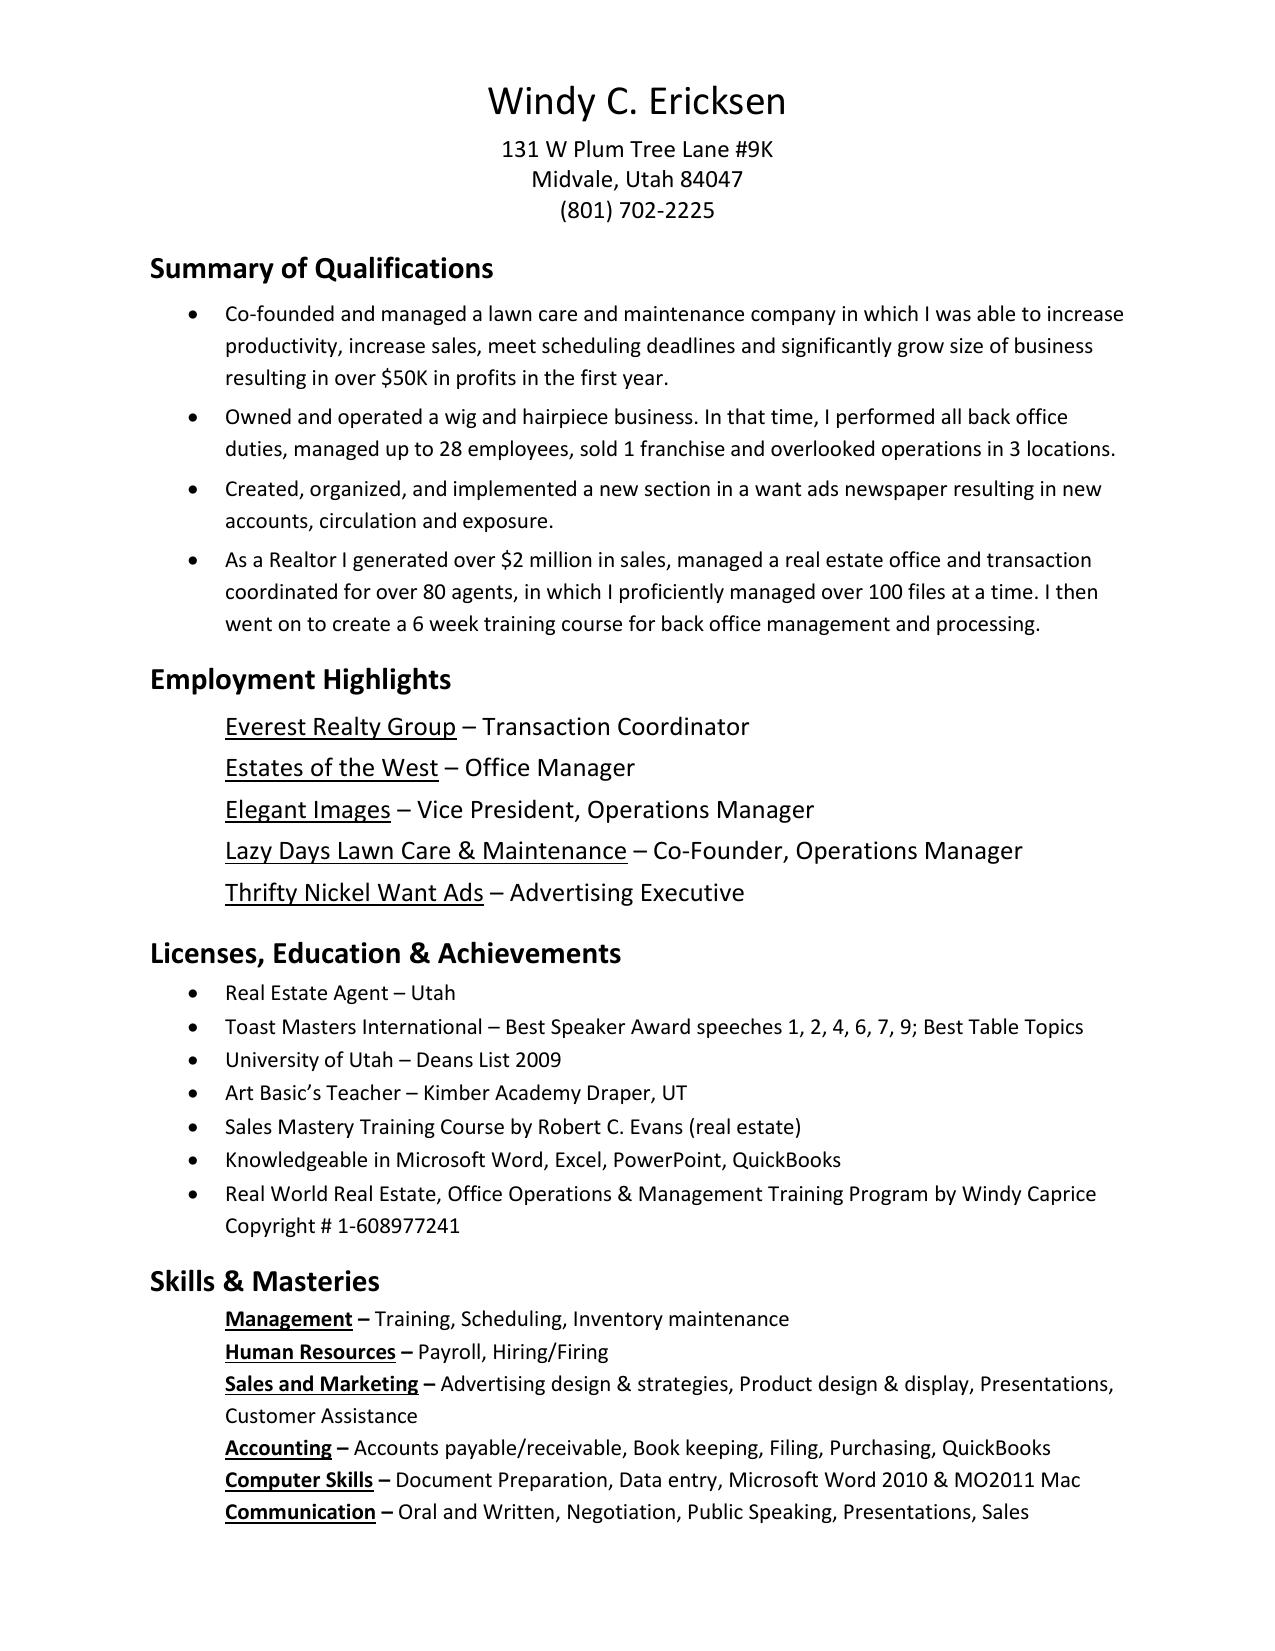 Windy C  Ericksen Resume-PDF